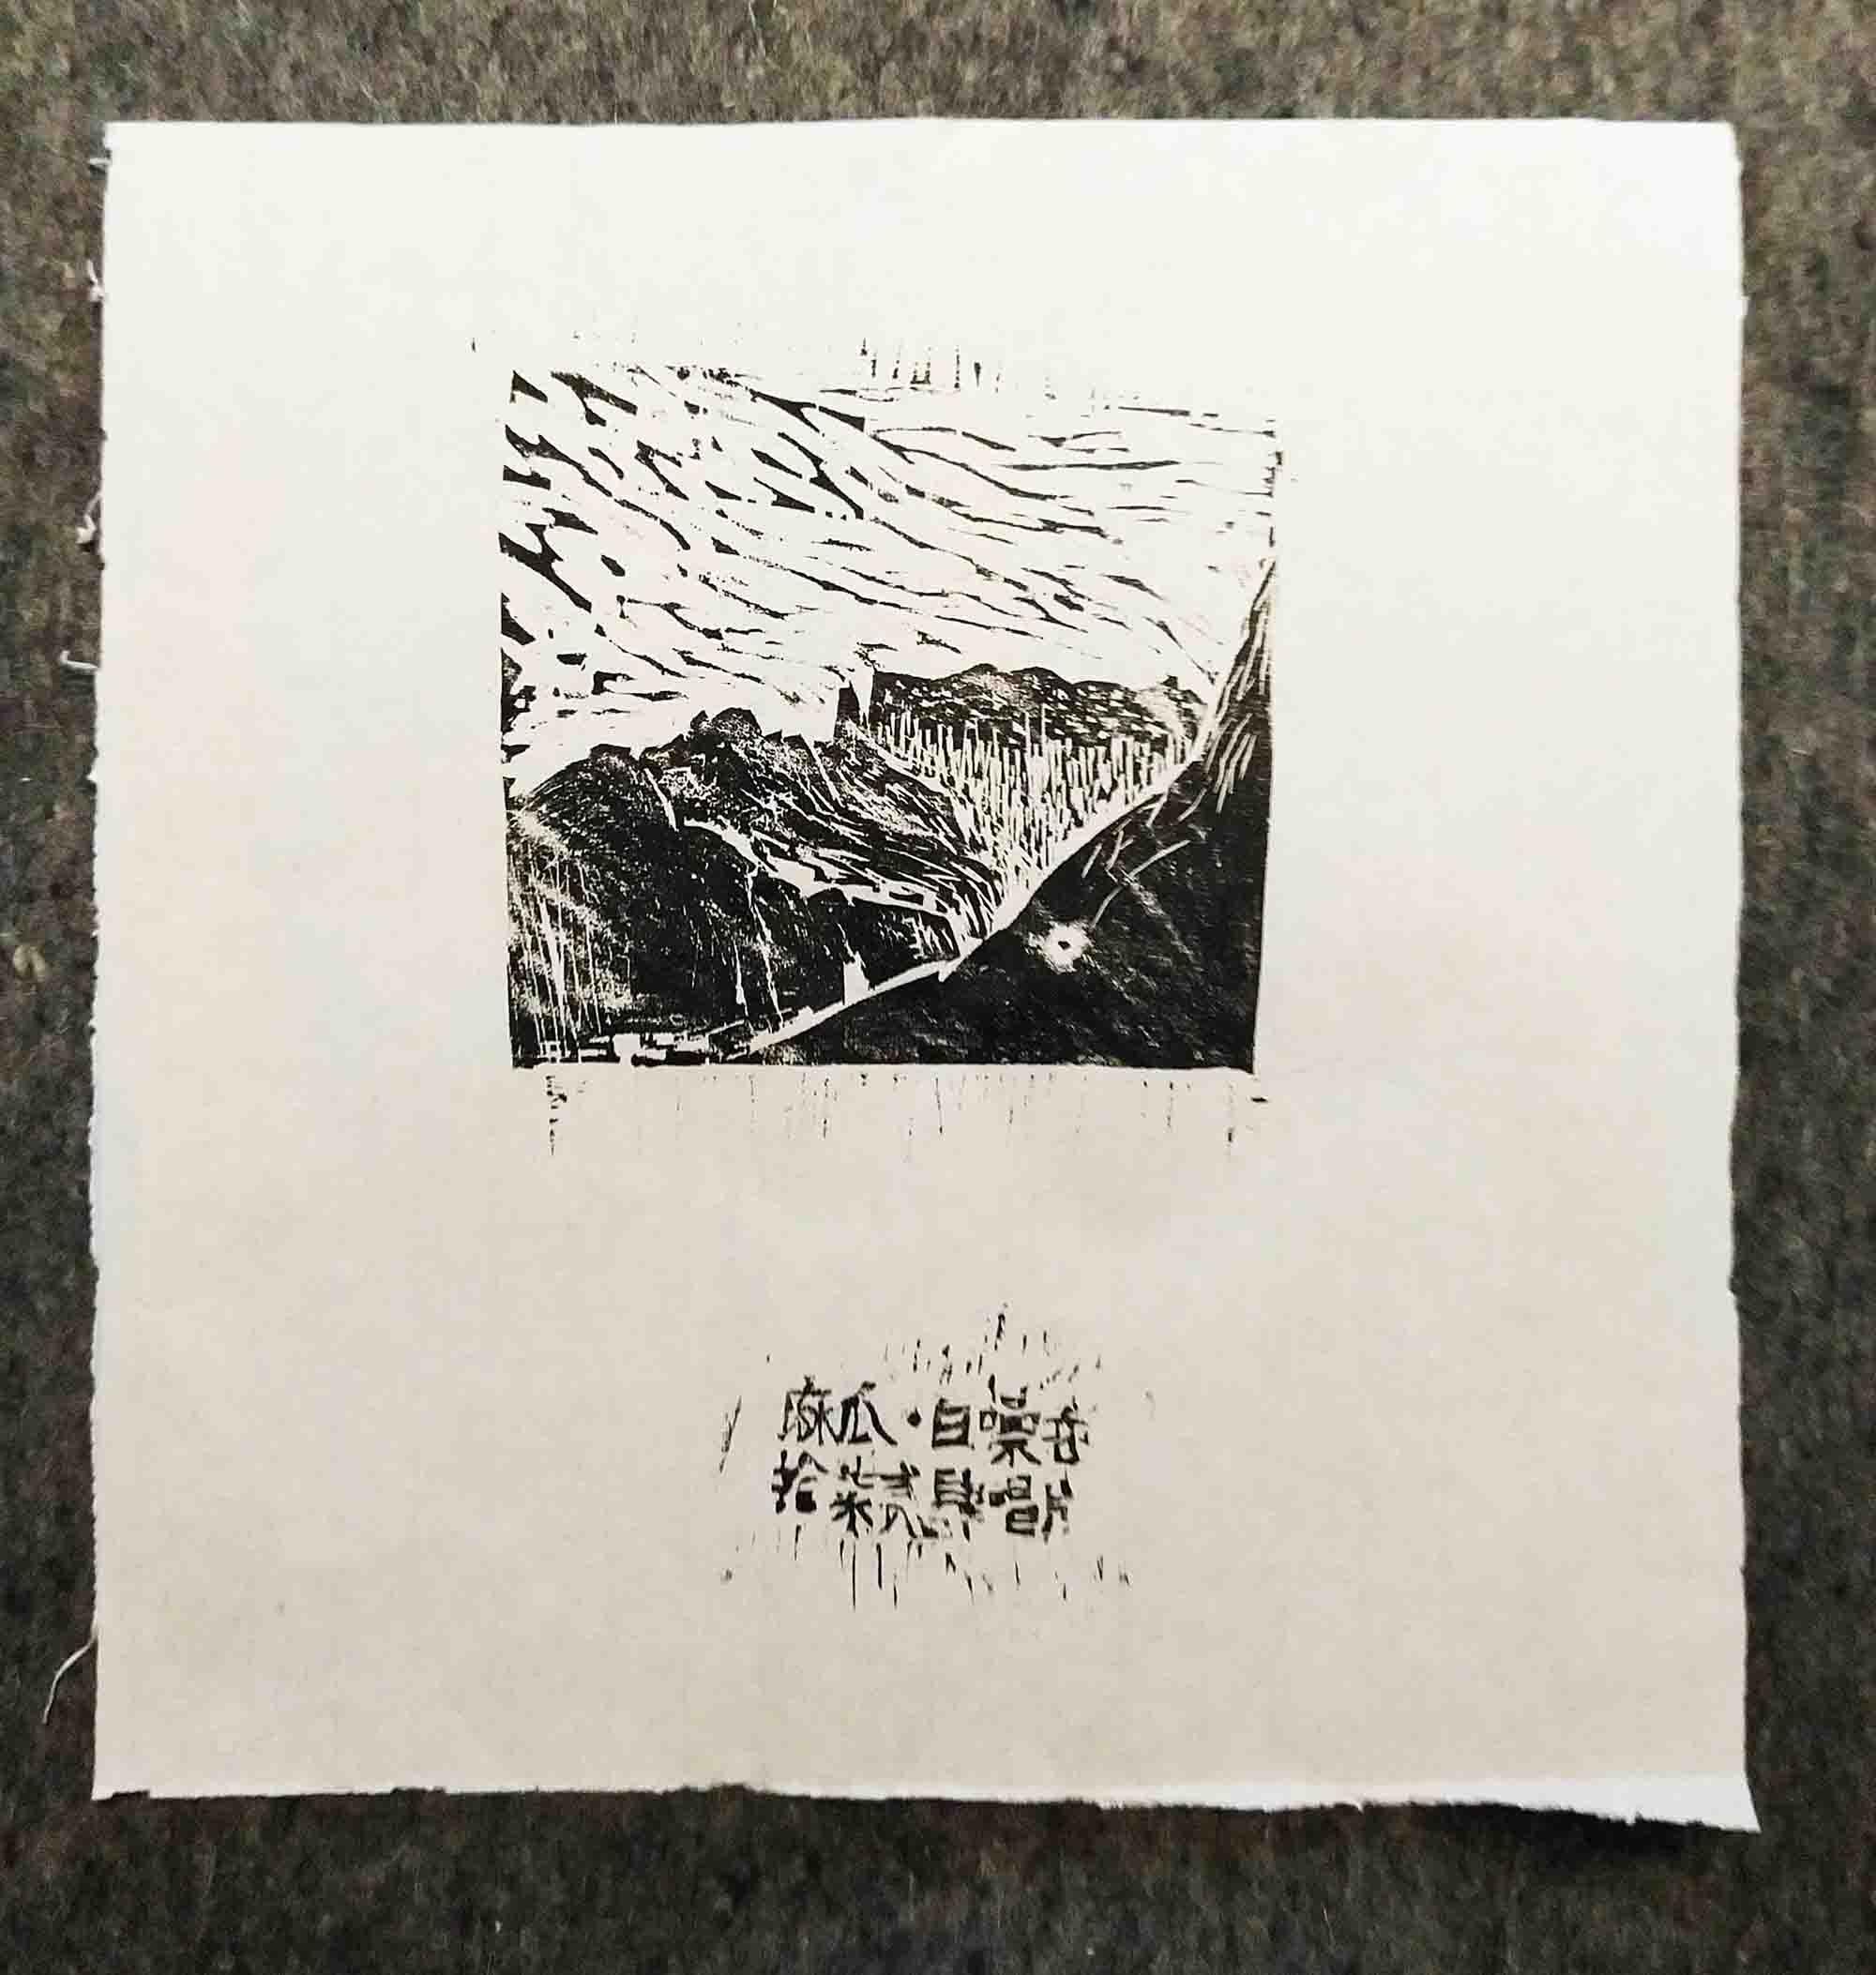 图案二,麻瓜黑胶唱片《白噪音》预售附赠熟宣版画